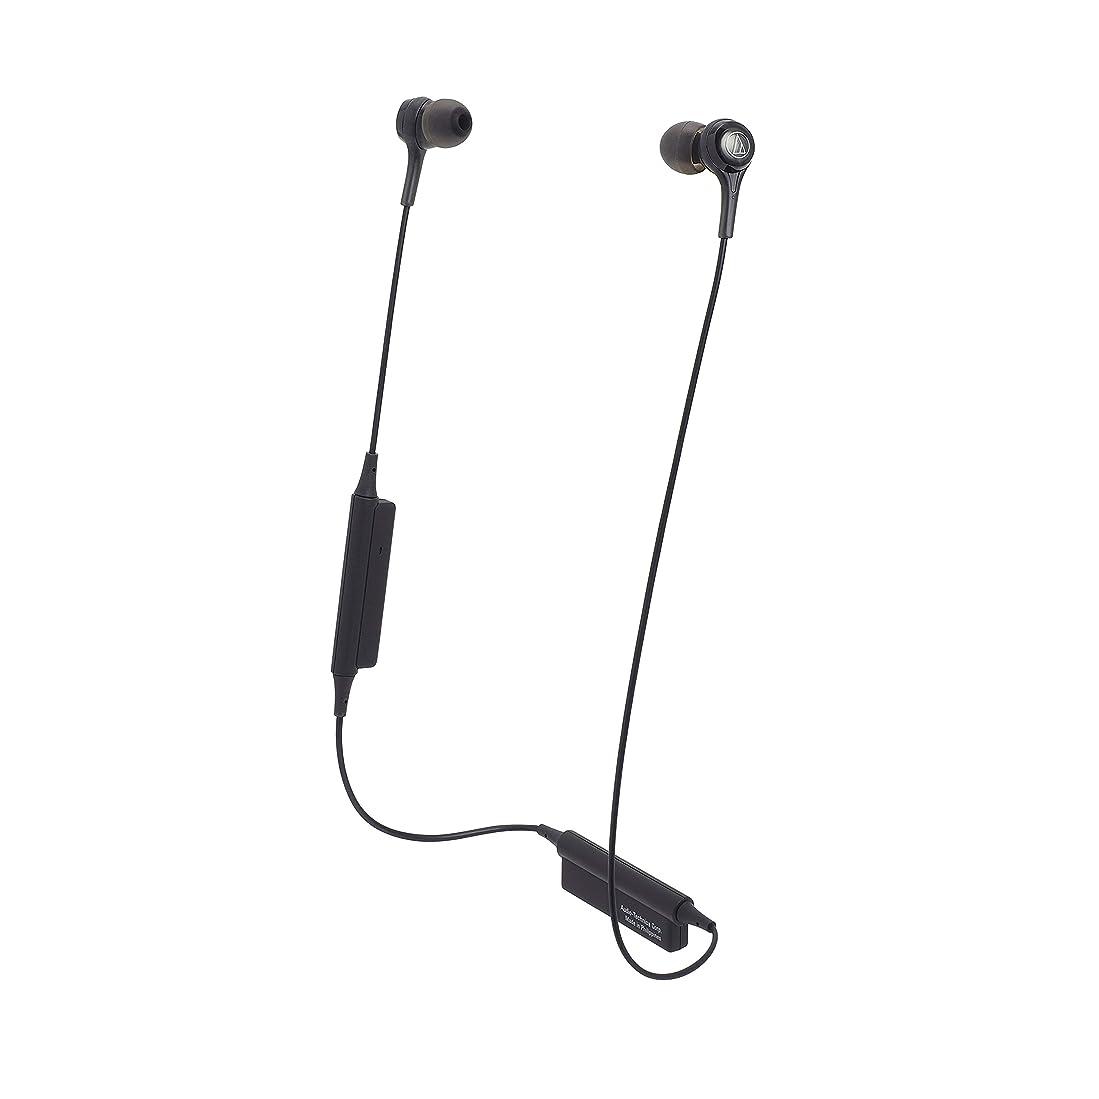 溶岩救出八オーディオテクニカ Bluetooth対応ワイヤレスイヤホン(ブラック)audio-technica ATH-CK200BT BK